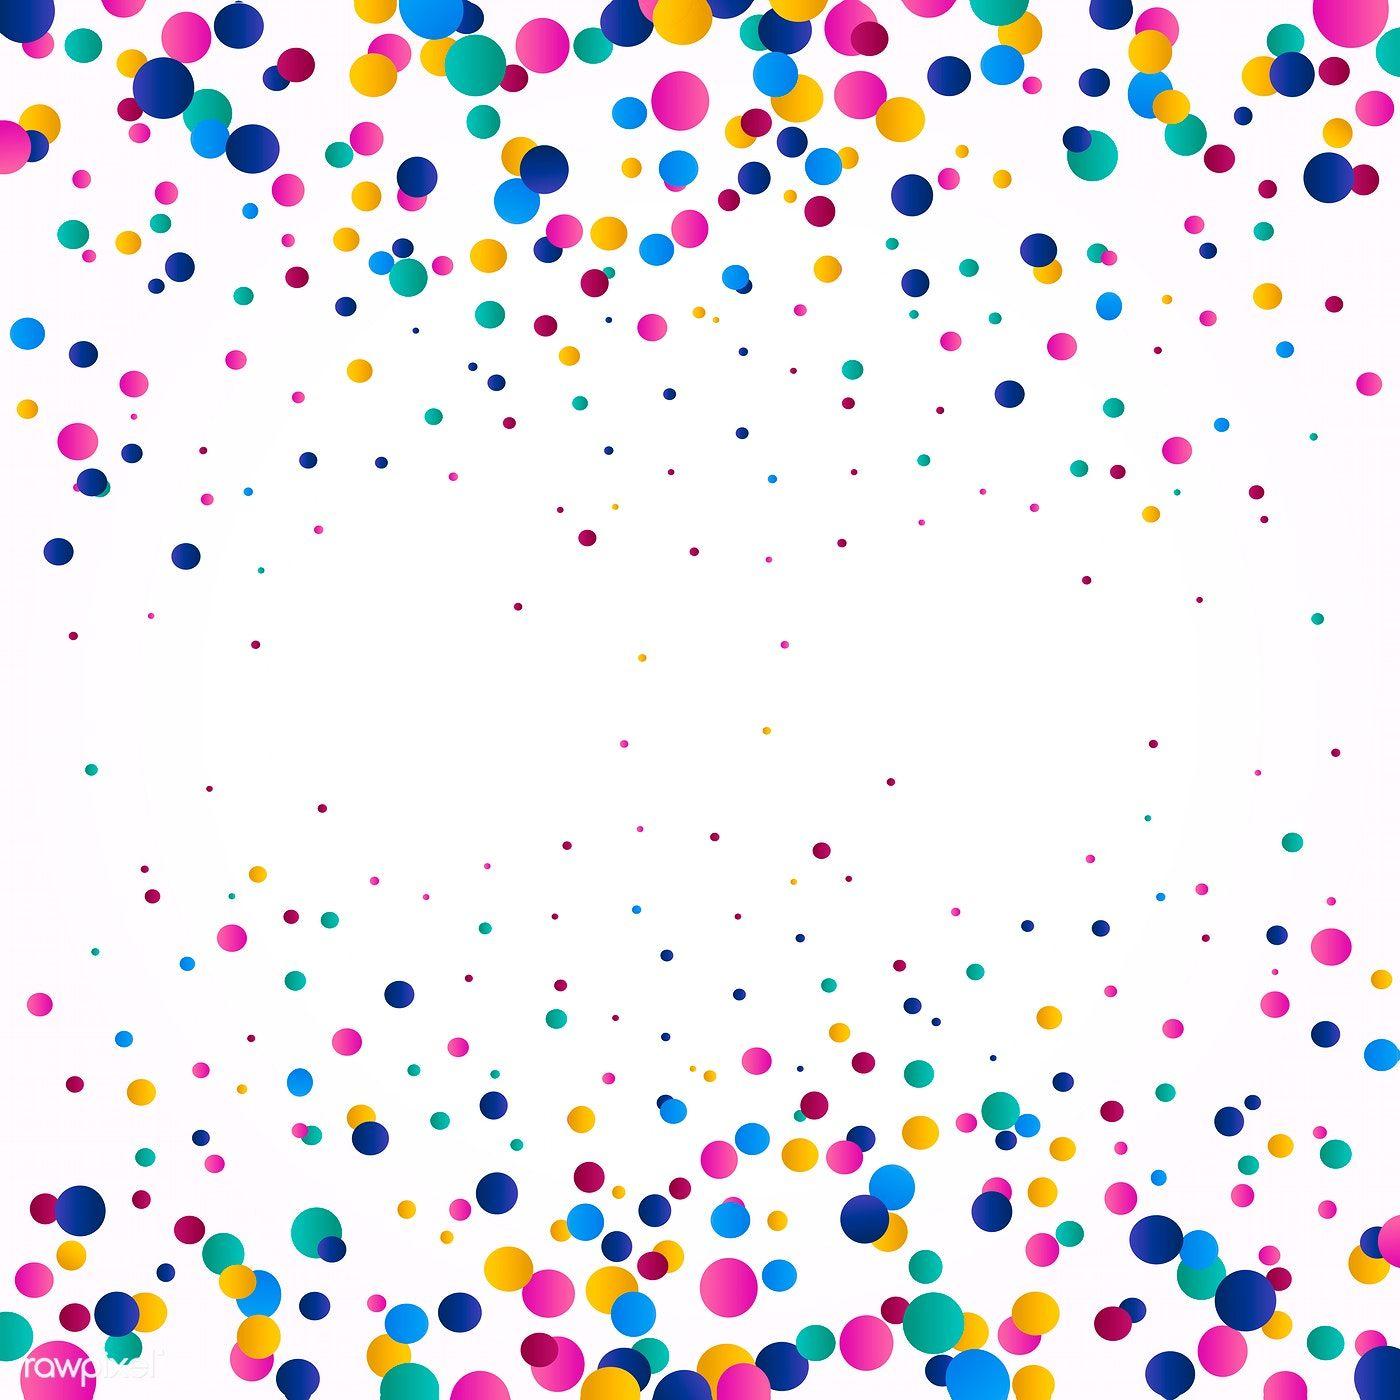 Colorful confetti background explosion vector.